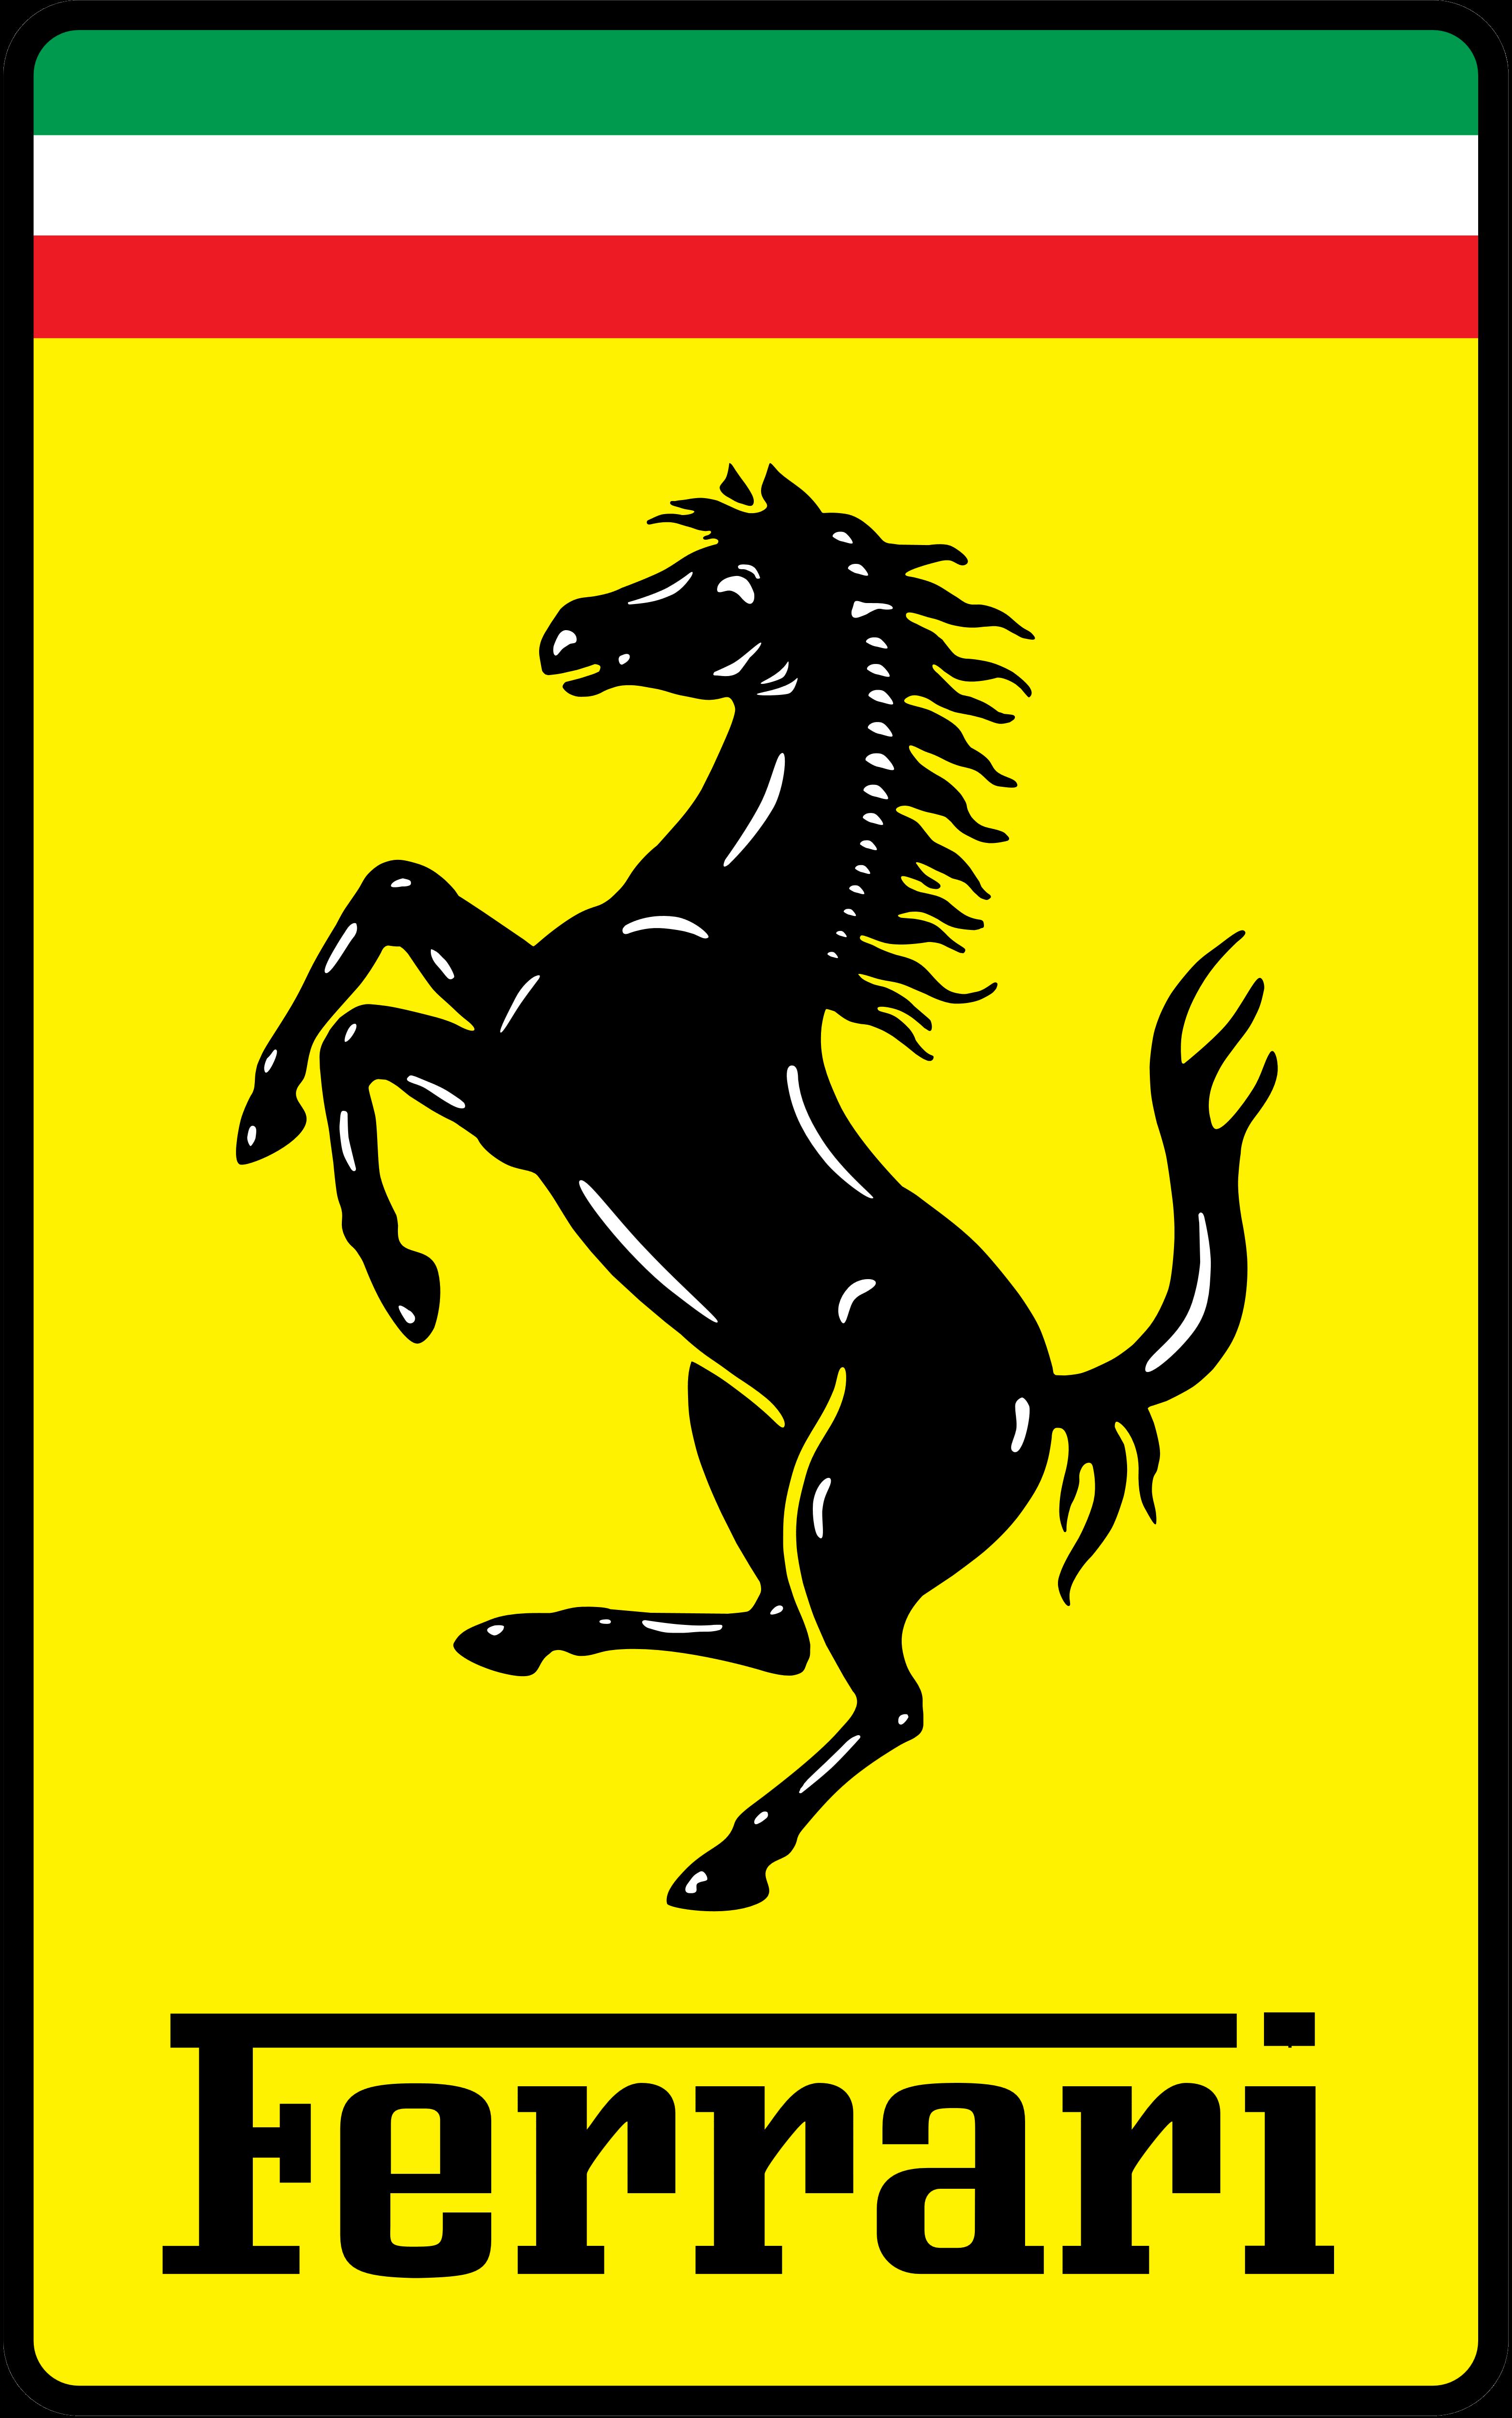 Ferrari - Logos Download